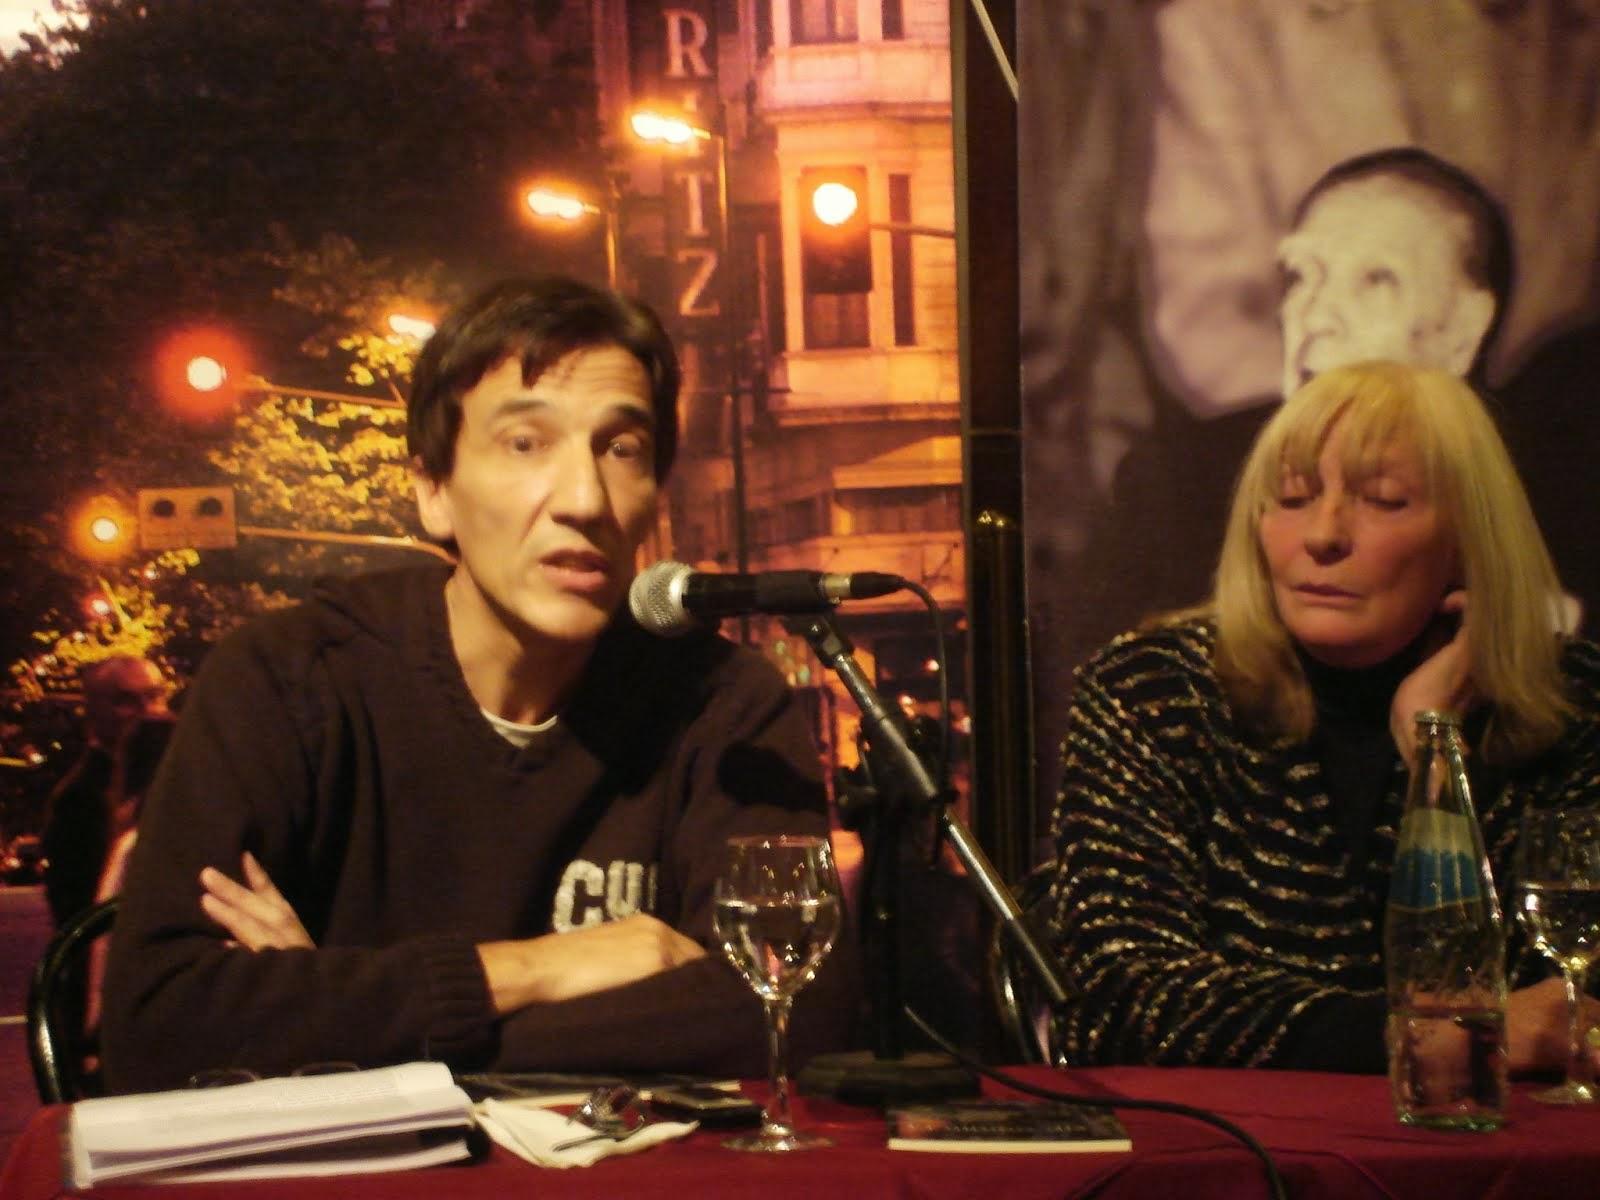 """Presentando el libro """"El Último Día"""" en el Café Tortoni (2009)"""